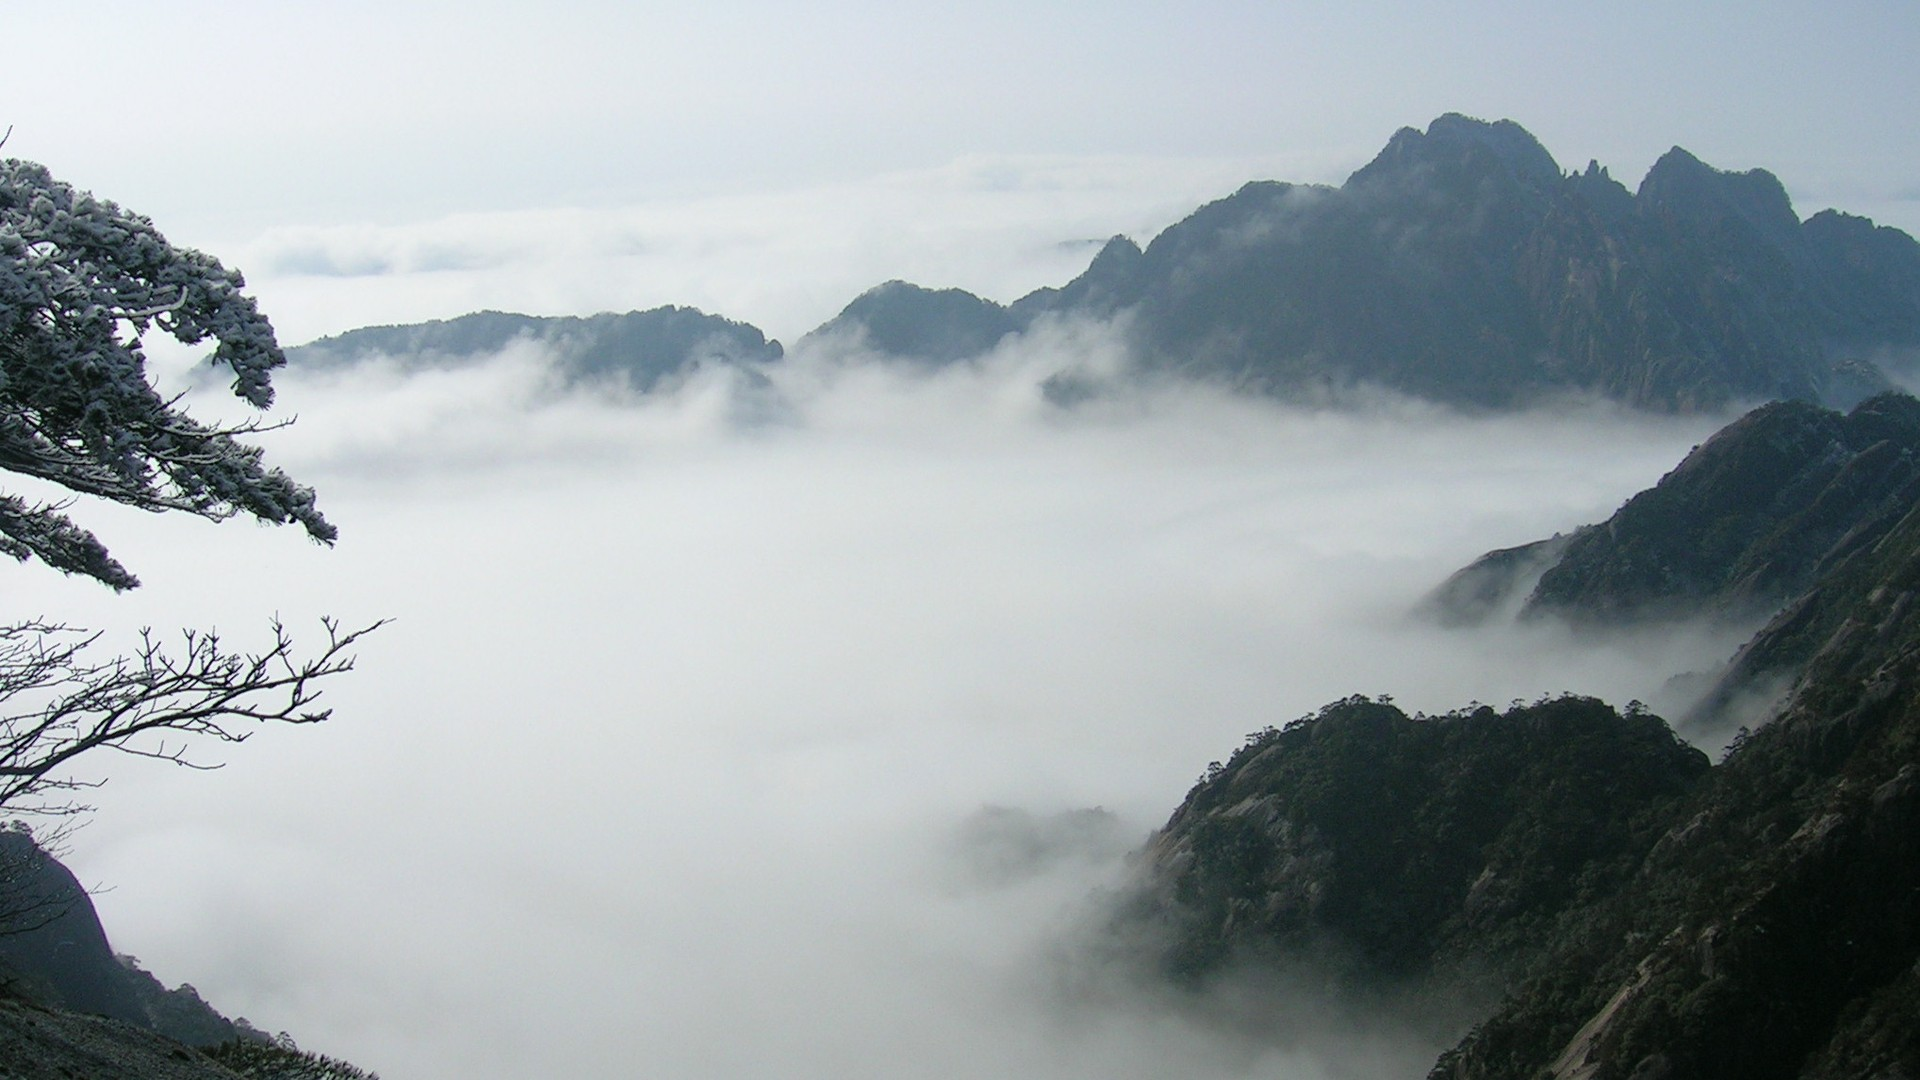 黄山云海高清壁纸